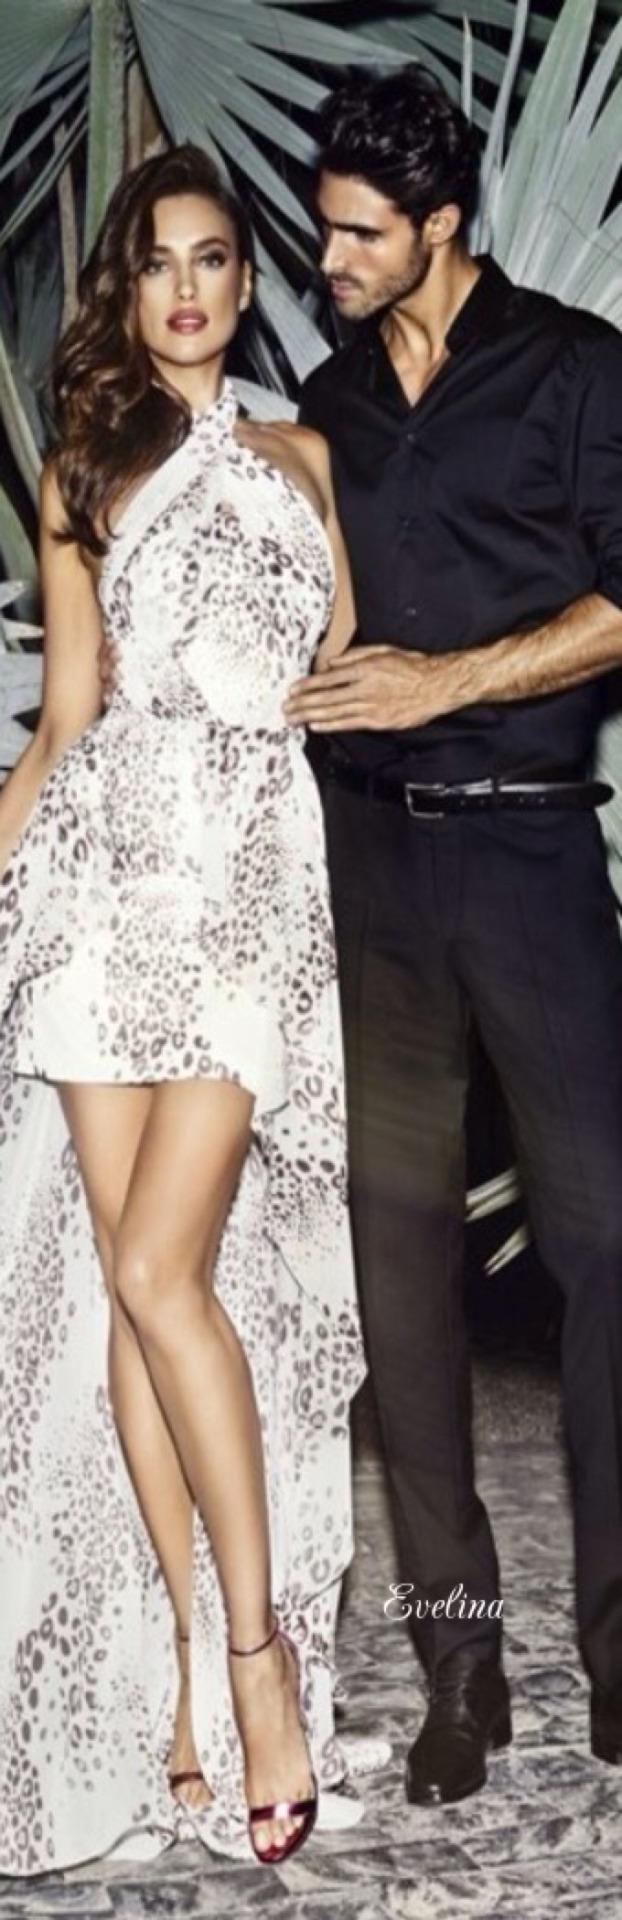 Pin by paul martin on stylish couples pinterest stylish couple